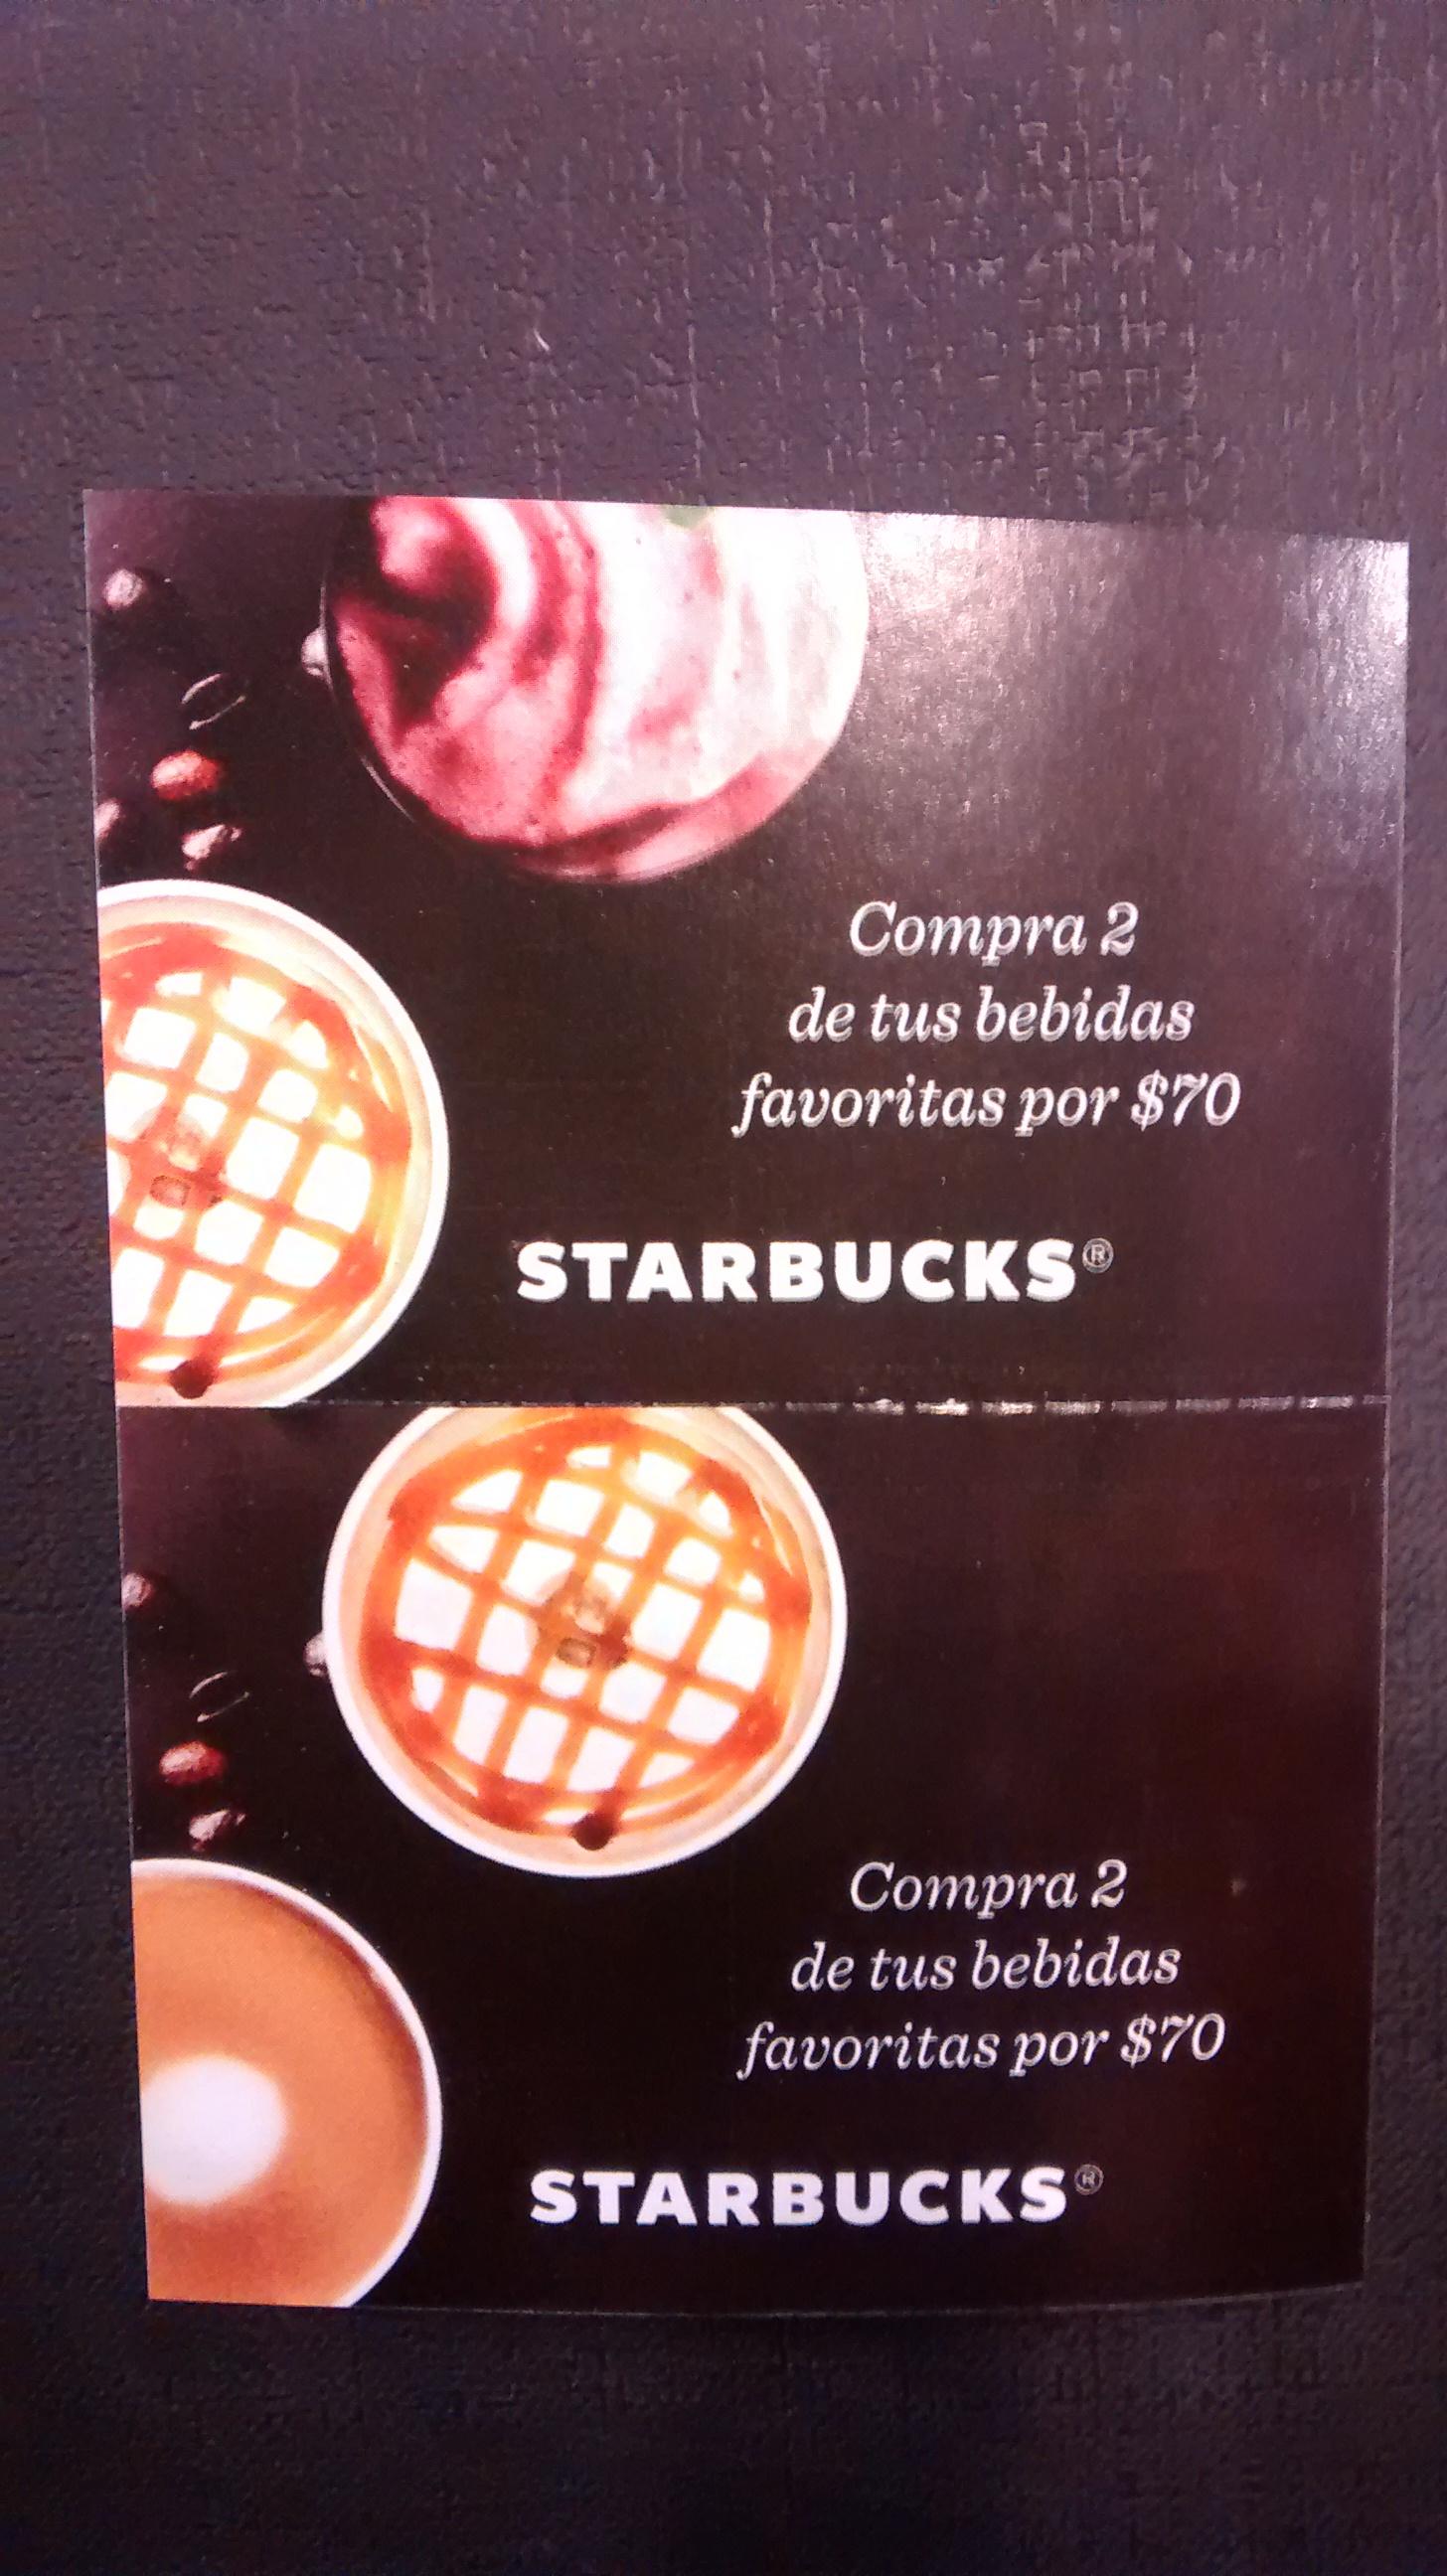 Burger King: Cuponera ALSEA (14 cupones para 4 restaurantes: BK; Domino's, VIPS y Starbucks)